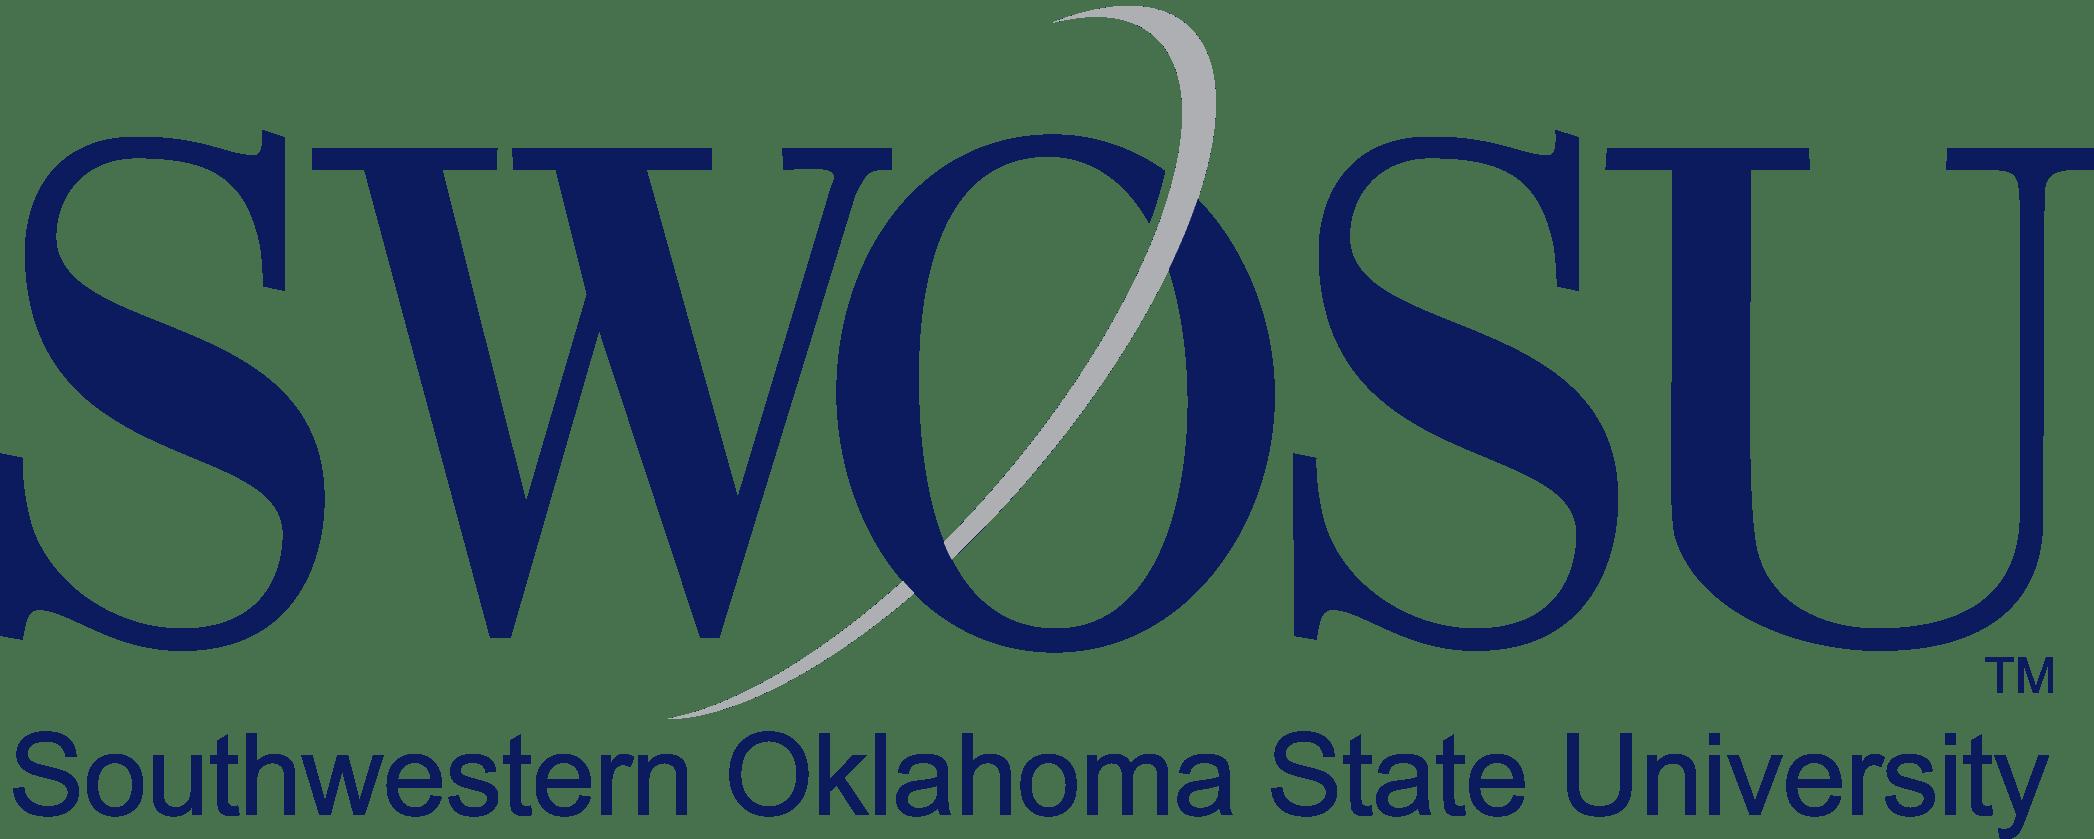 tele learning southwestern oklahoma state university logo 130181